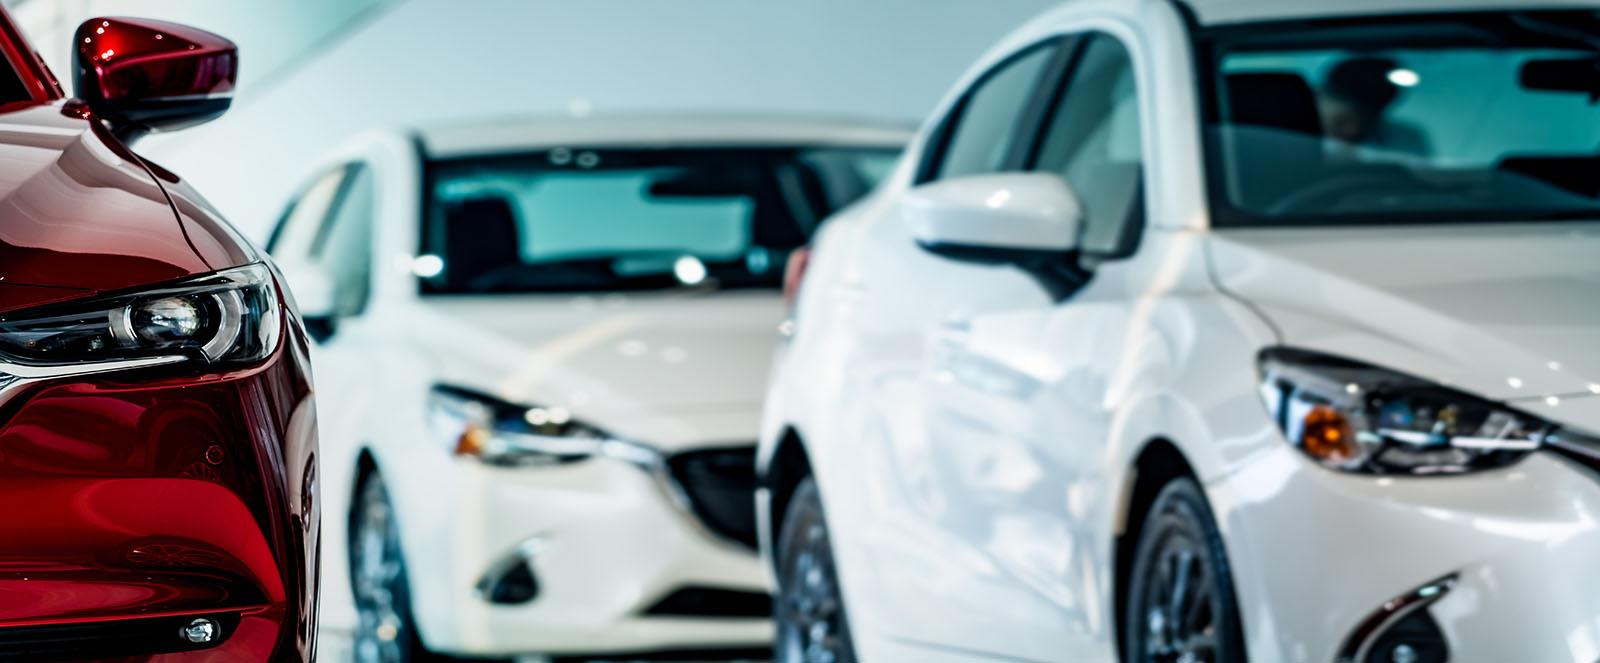 Sälj din bil genom Haninge Bilpark. Av oss får du en korrekt värdering.